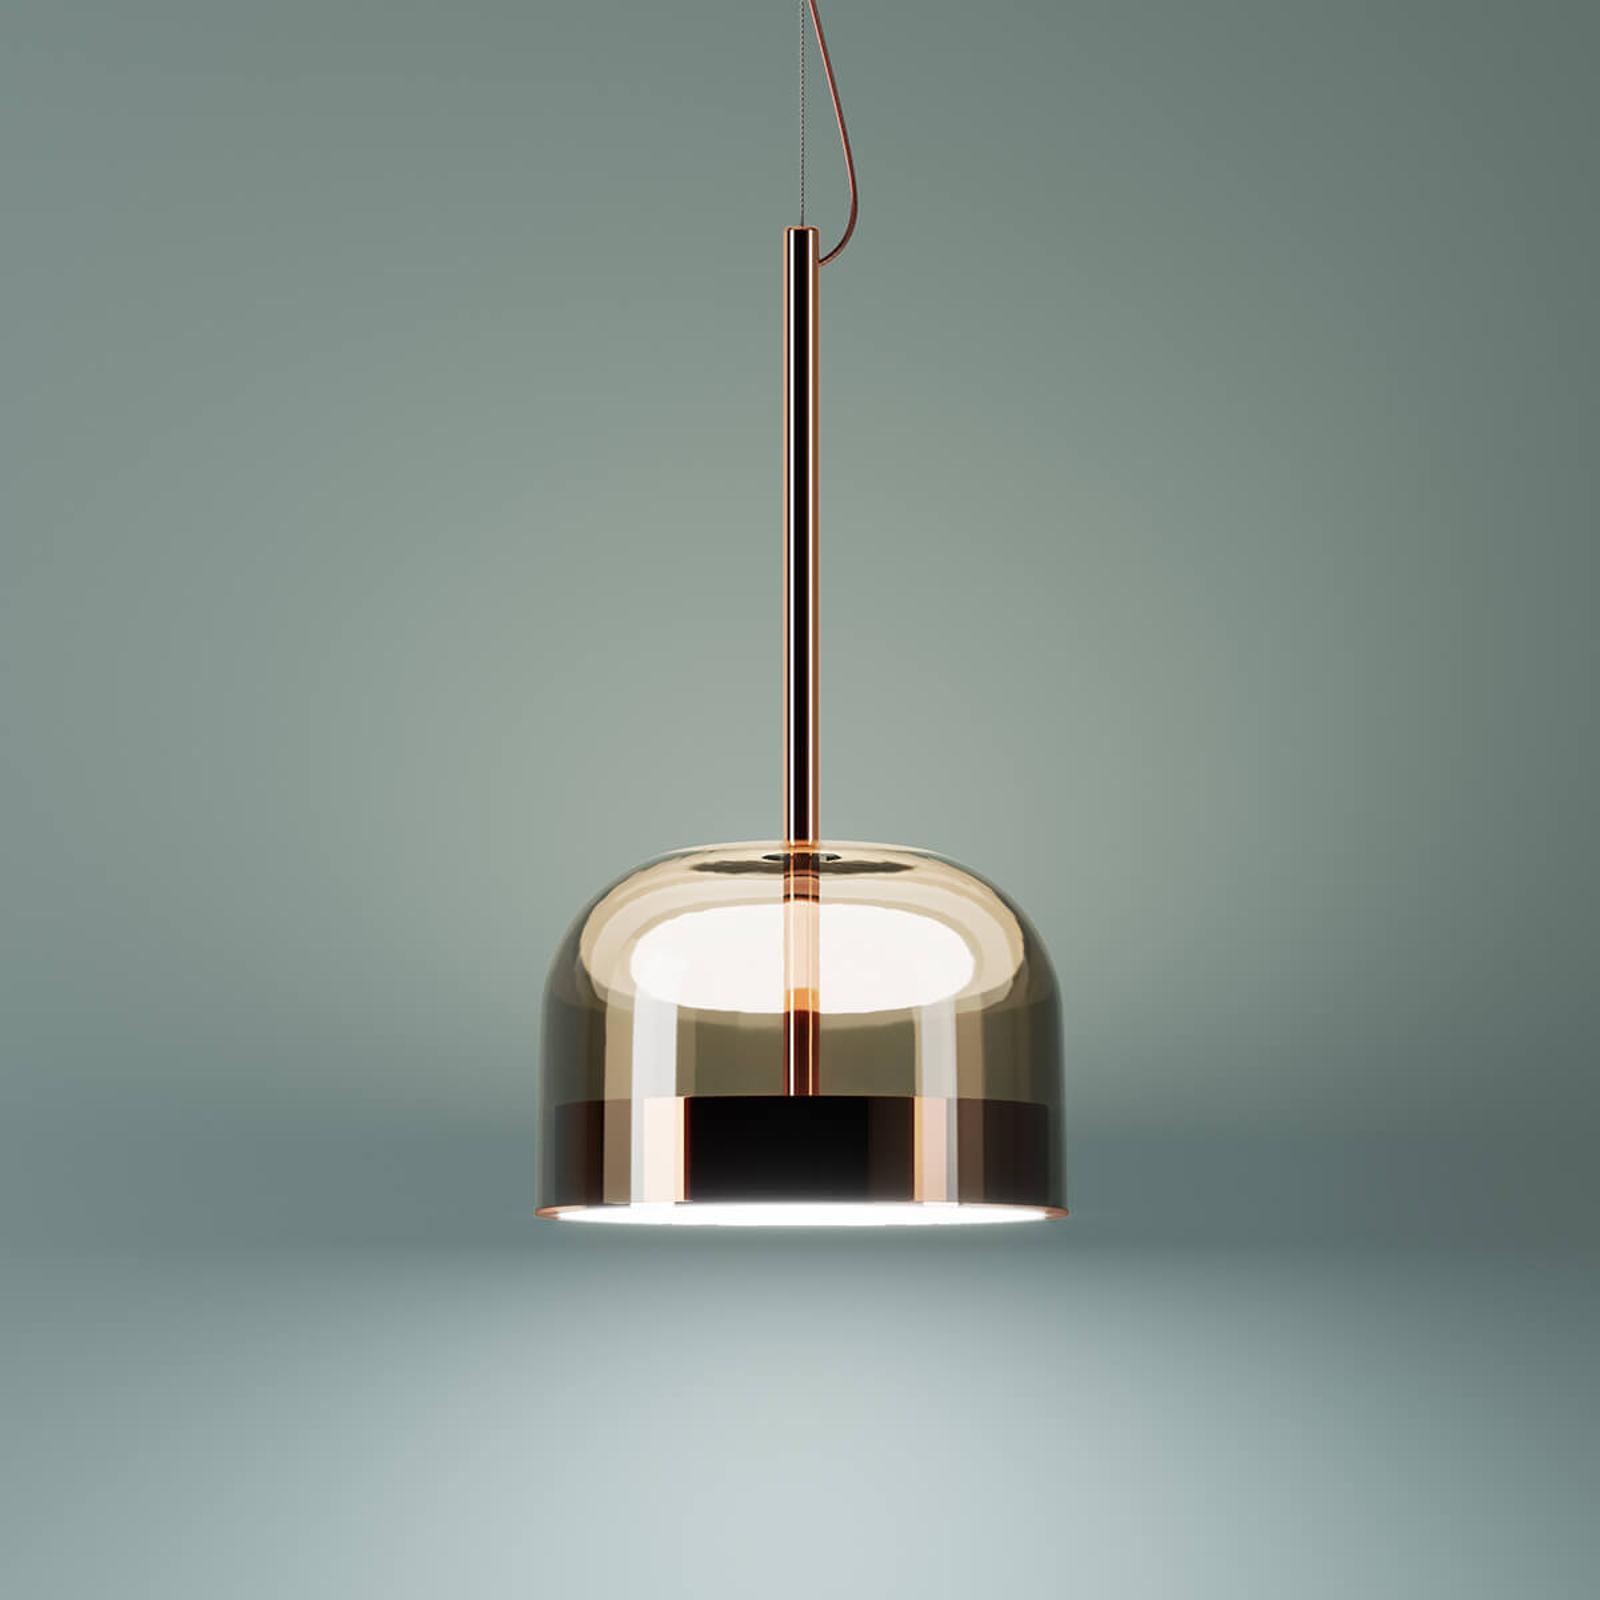 Koperkleurige LED hanglamp Equatore, 23,8 cm